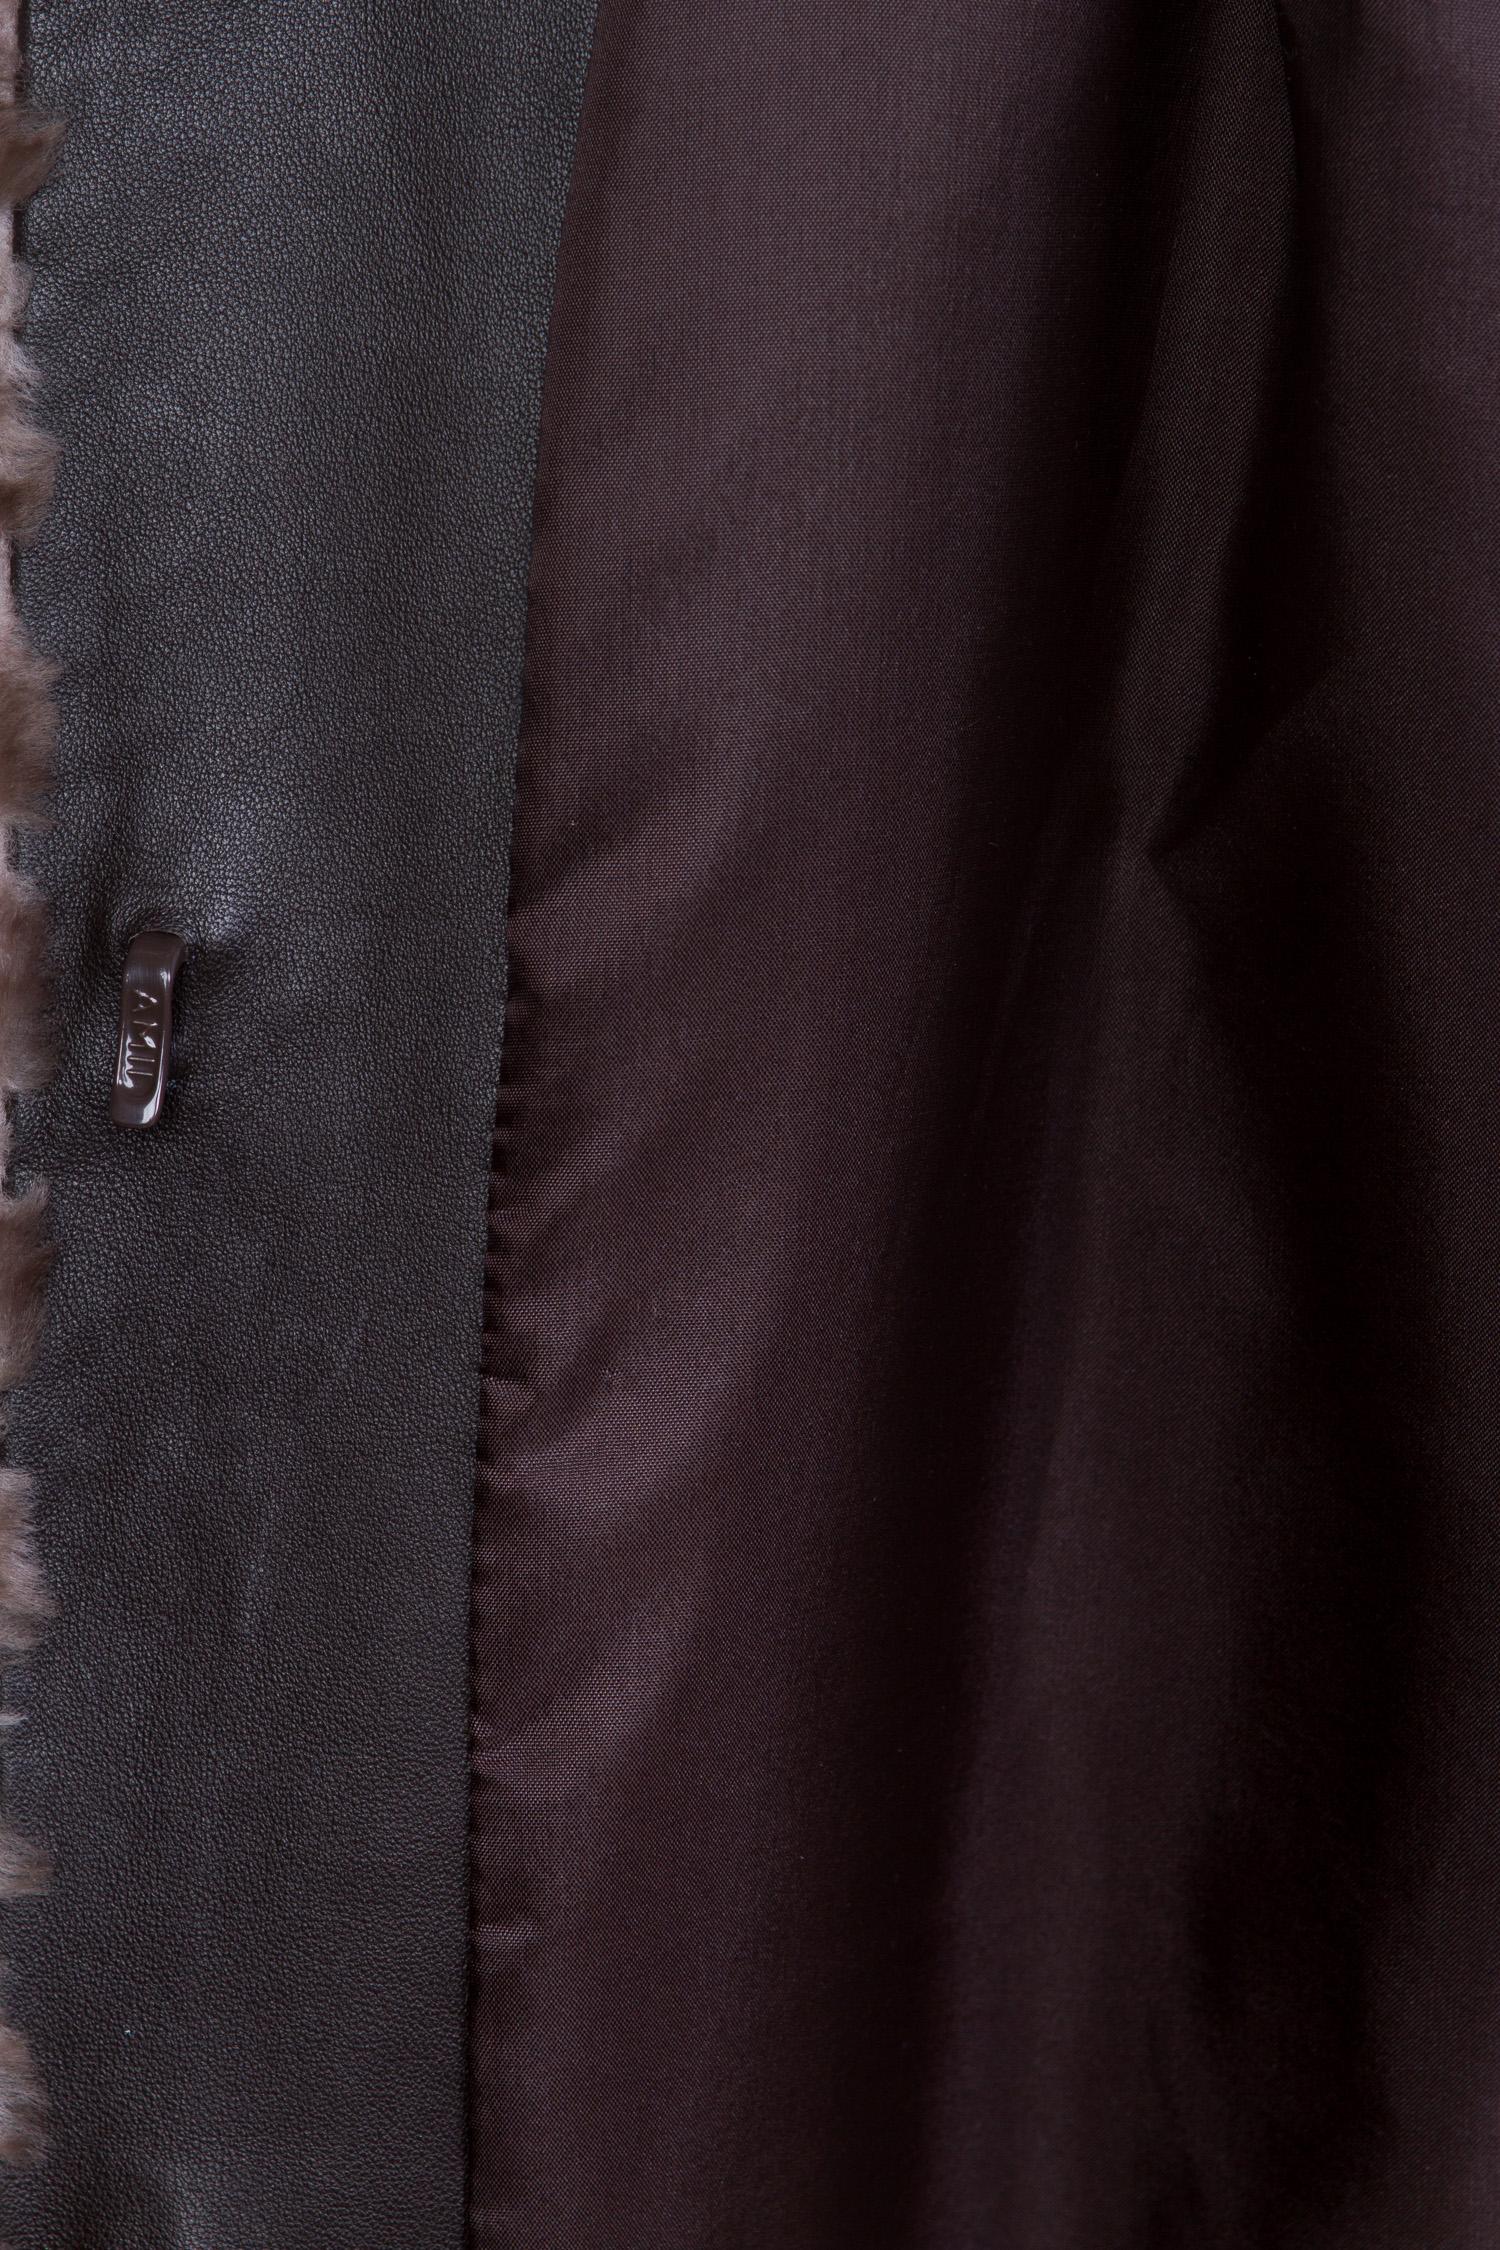 Шуба из мутона с капюшоном, без отделки